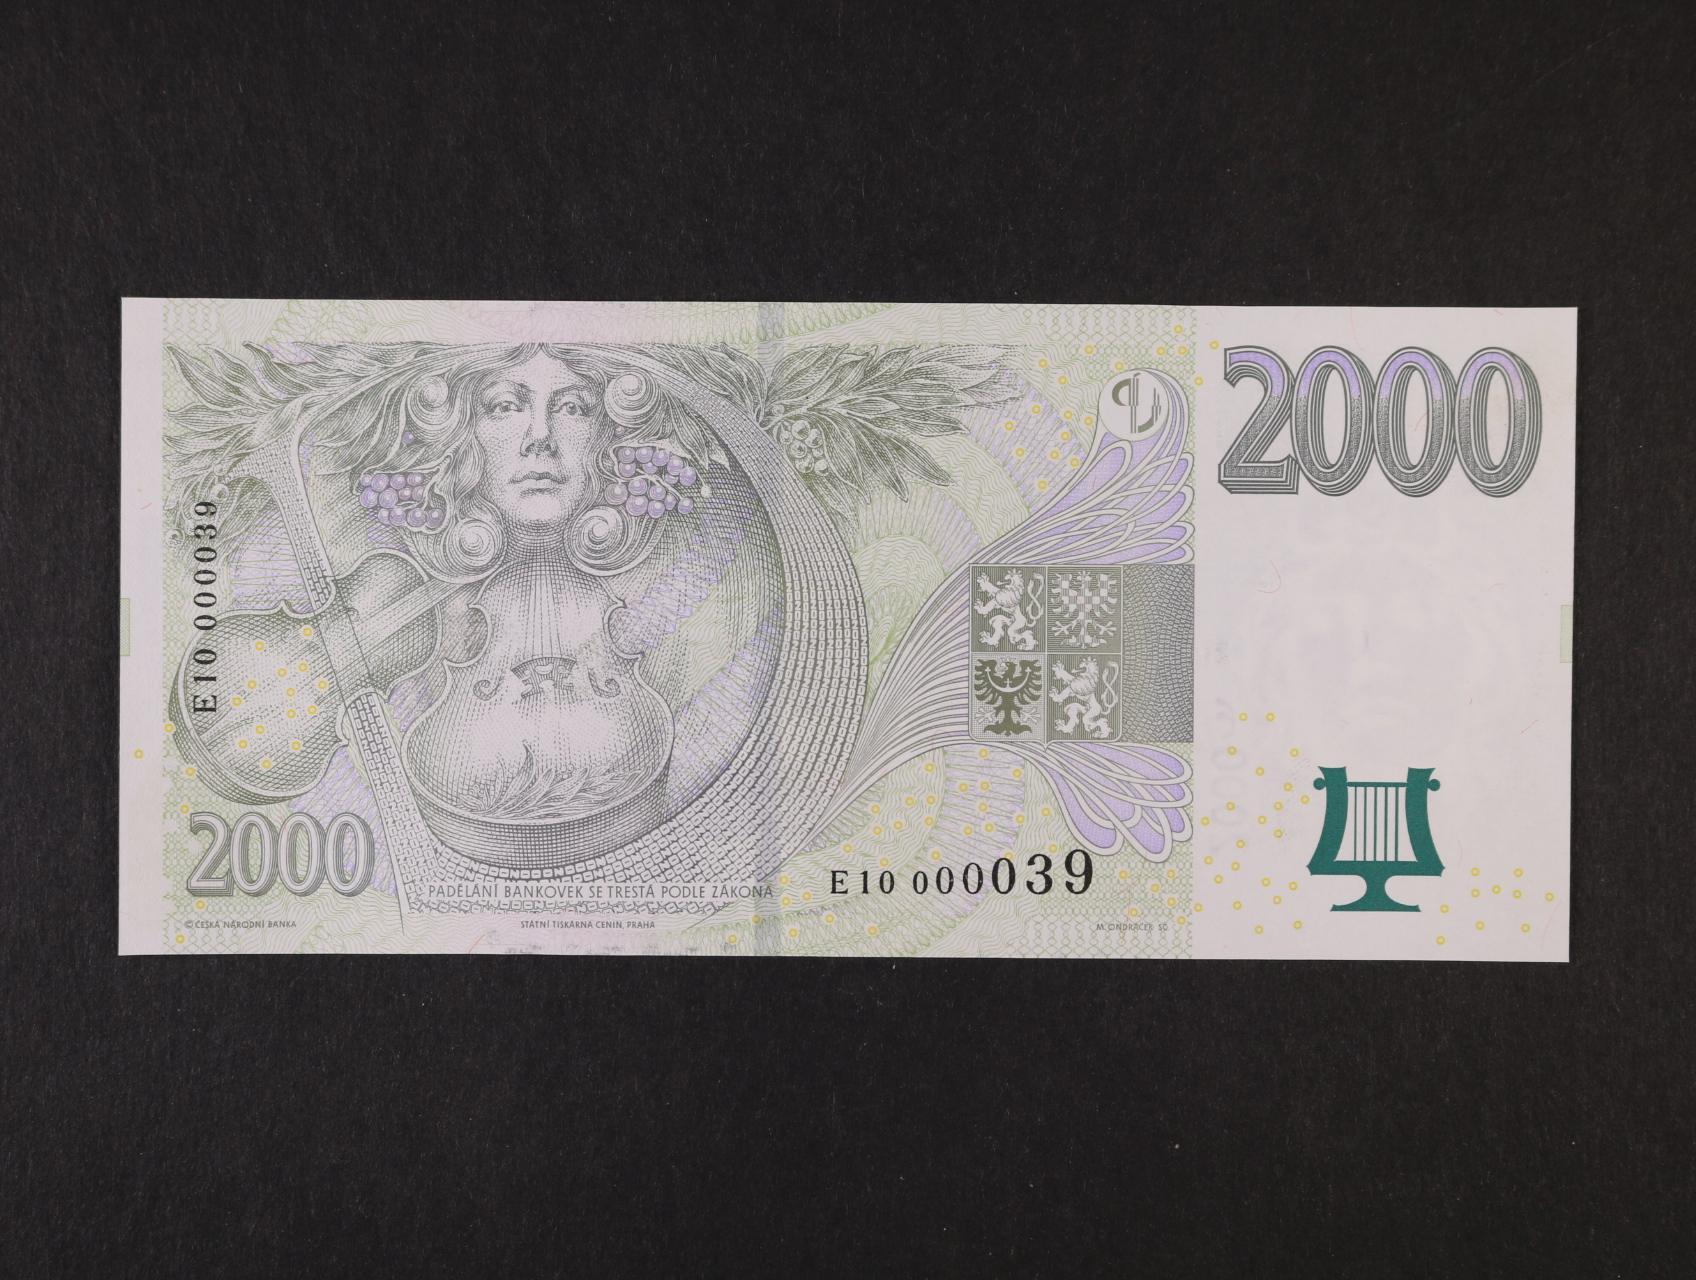 2000 Kč 2007 série E 10 000039, Ba. CZ 23